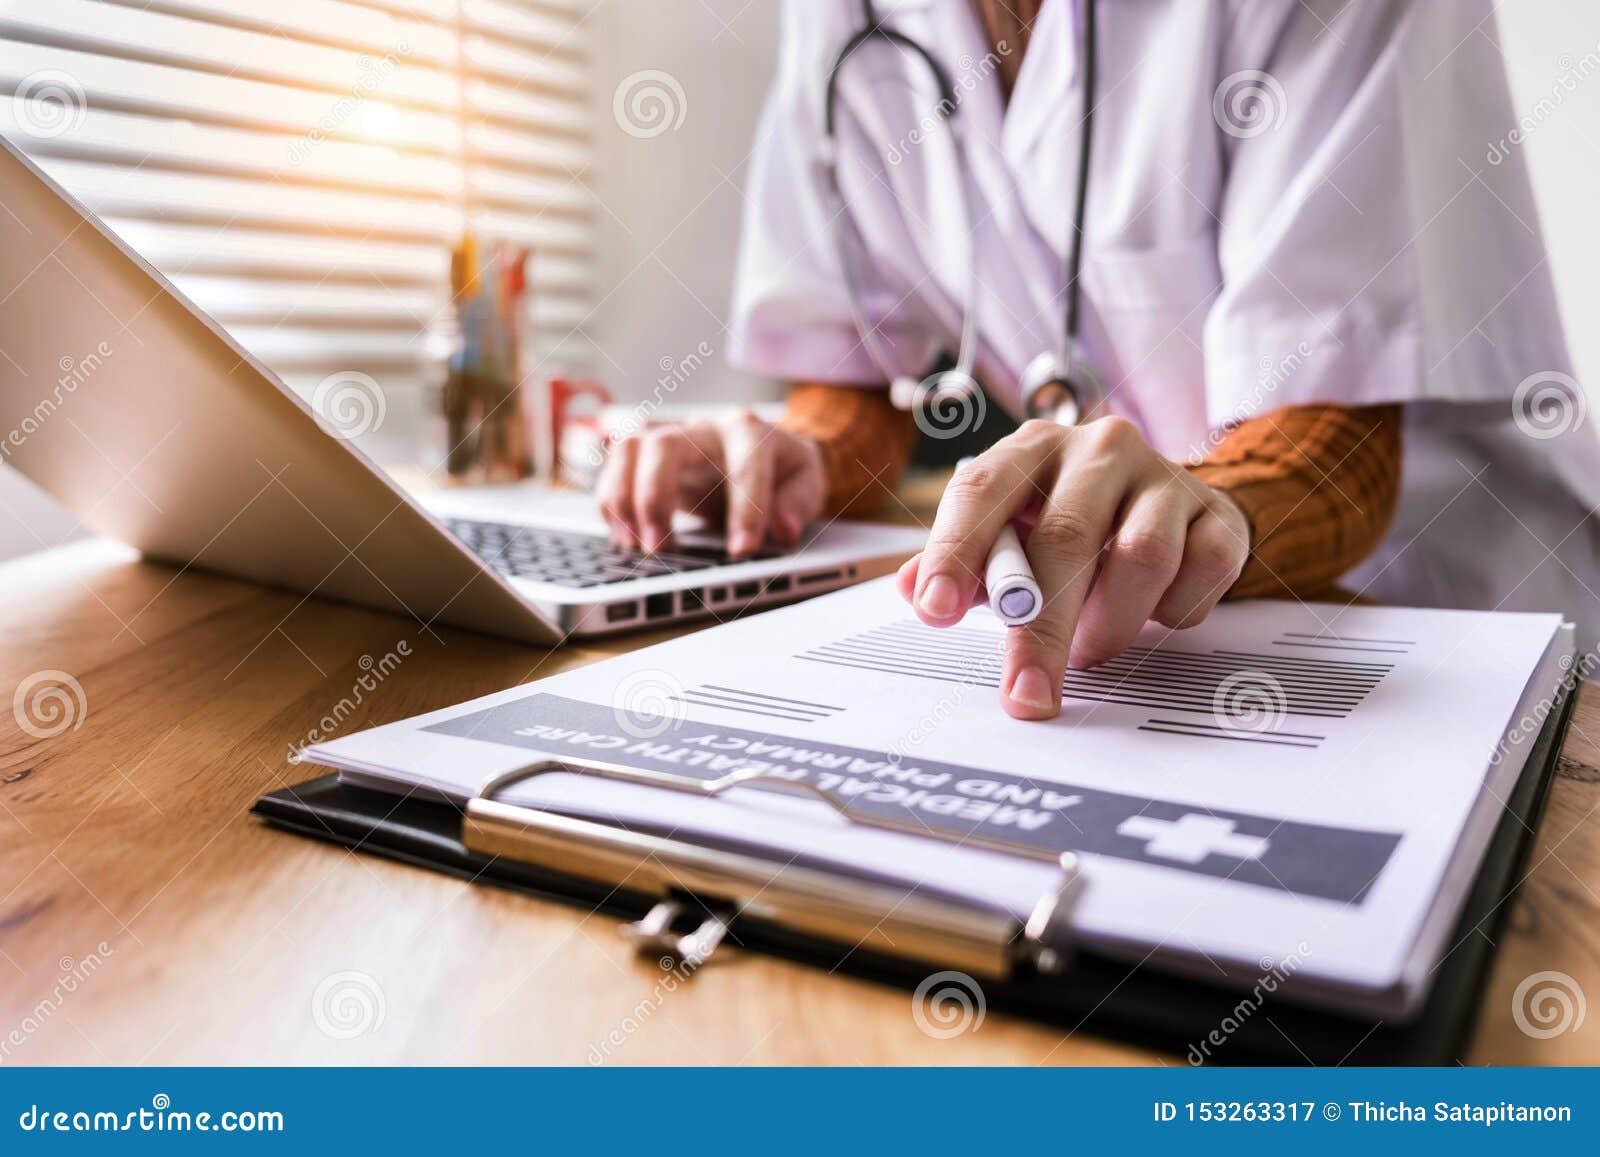 Os doutores das mulheres sentam-se para escrever relatórios pacientes no escritório